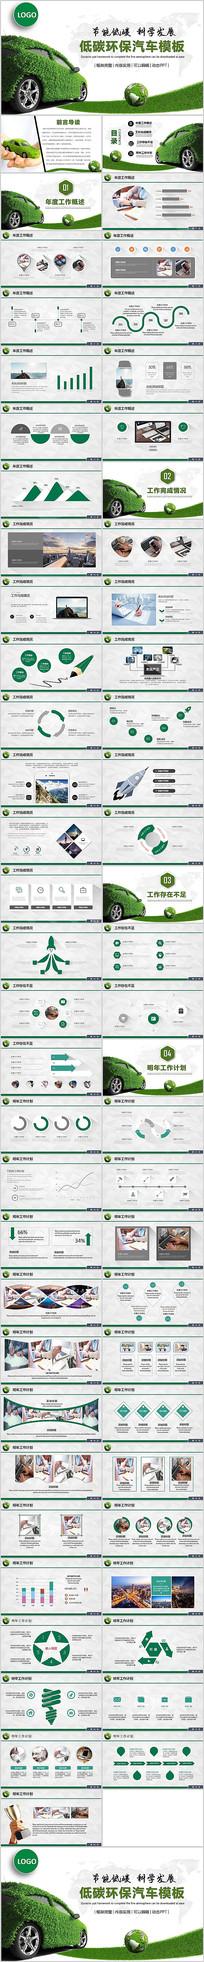 绿色低碳环保汽车PPT模板